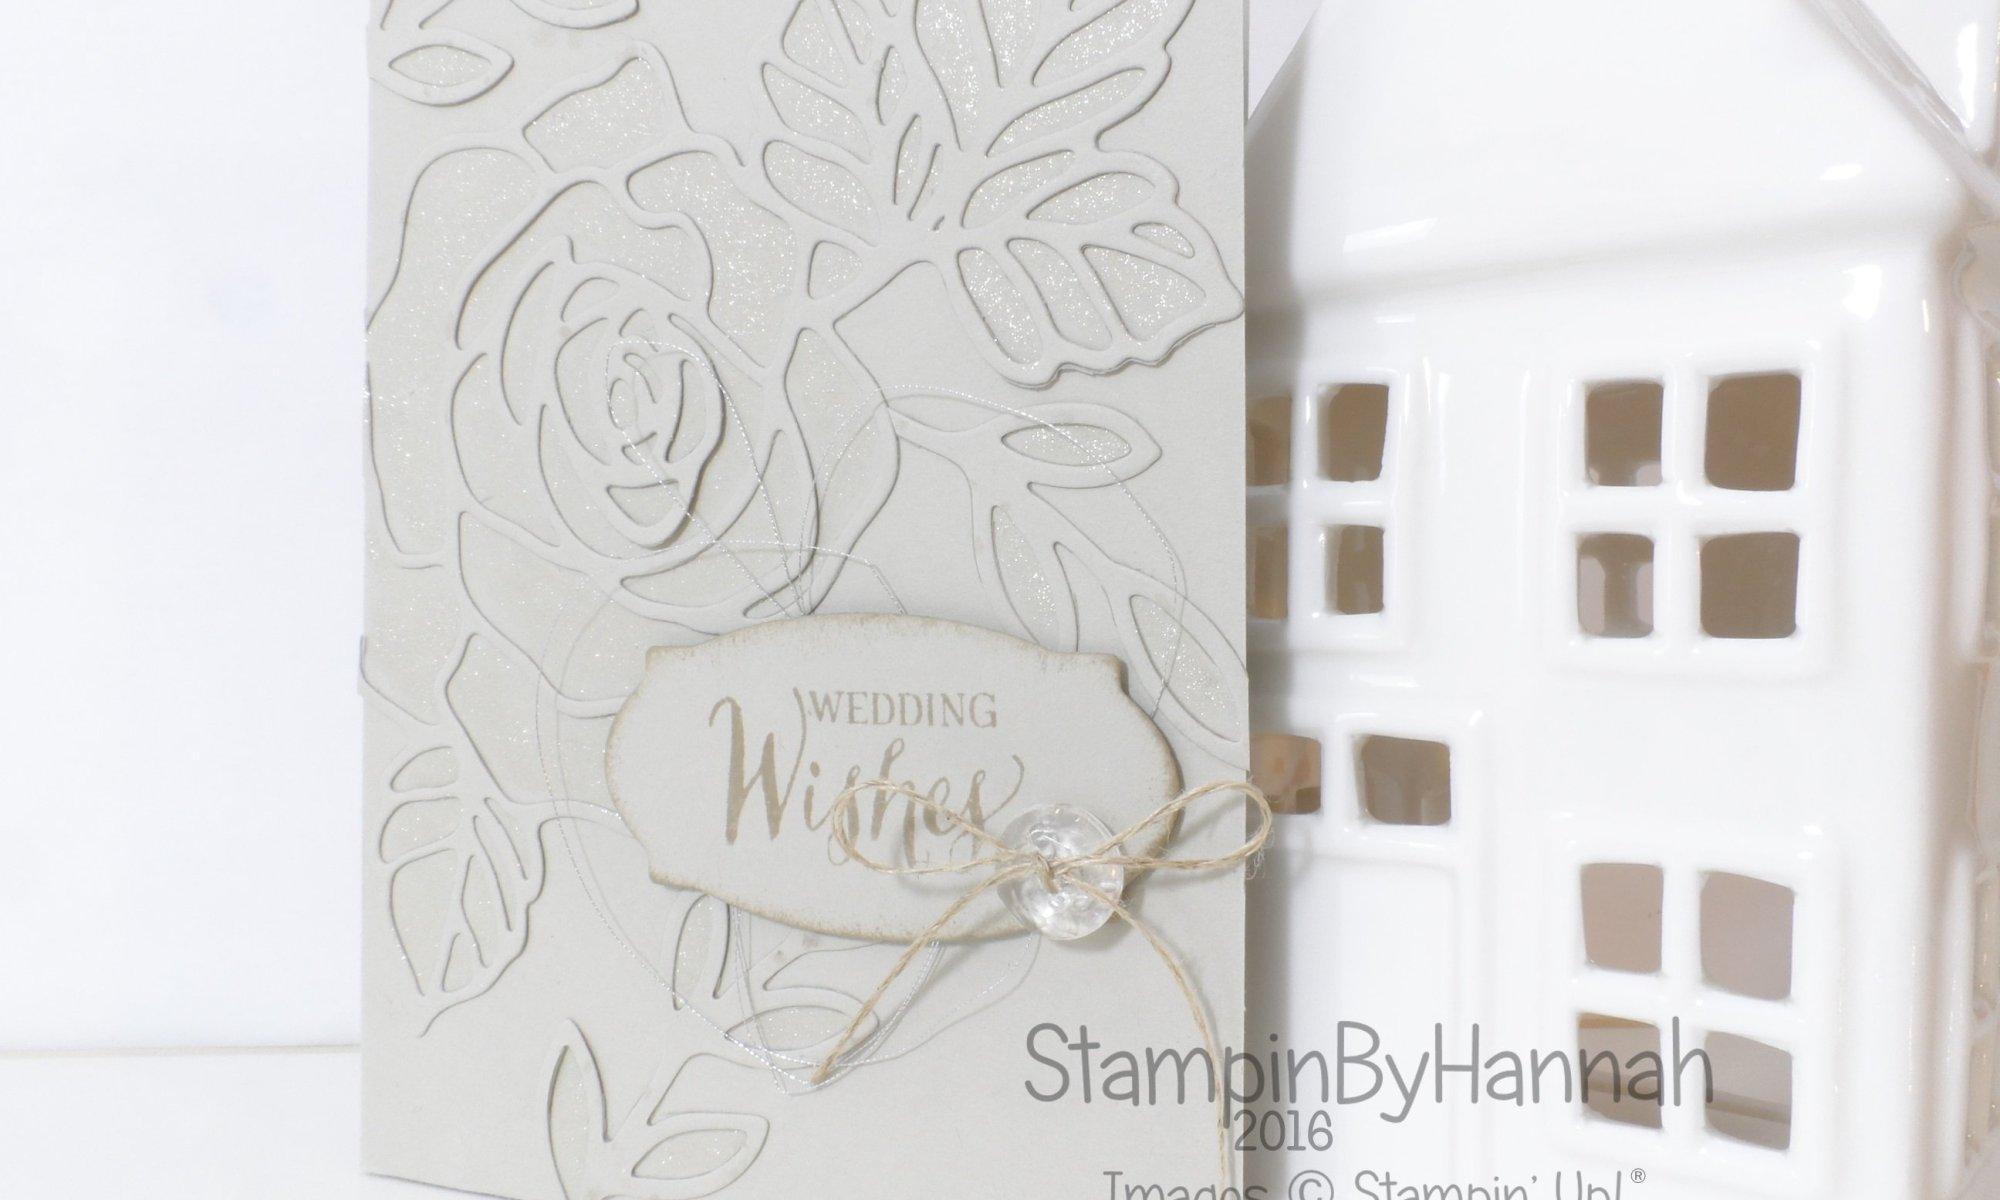 Stampin' Up! UK Rose Wonder Wedding Card